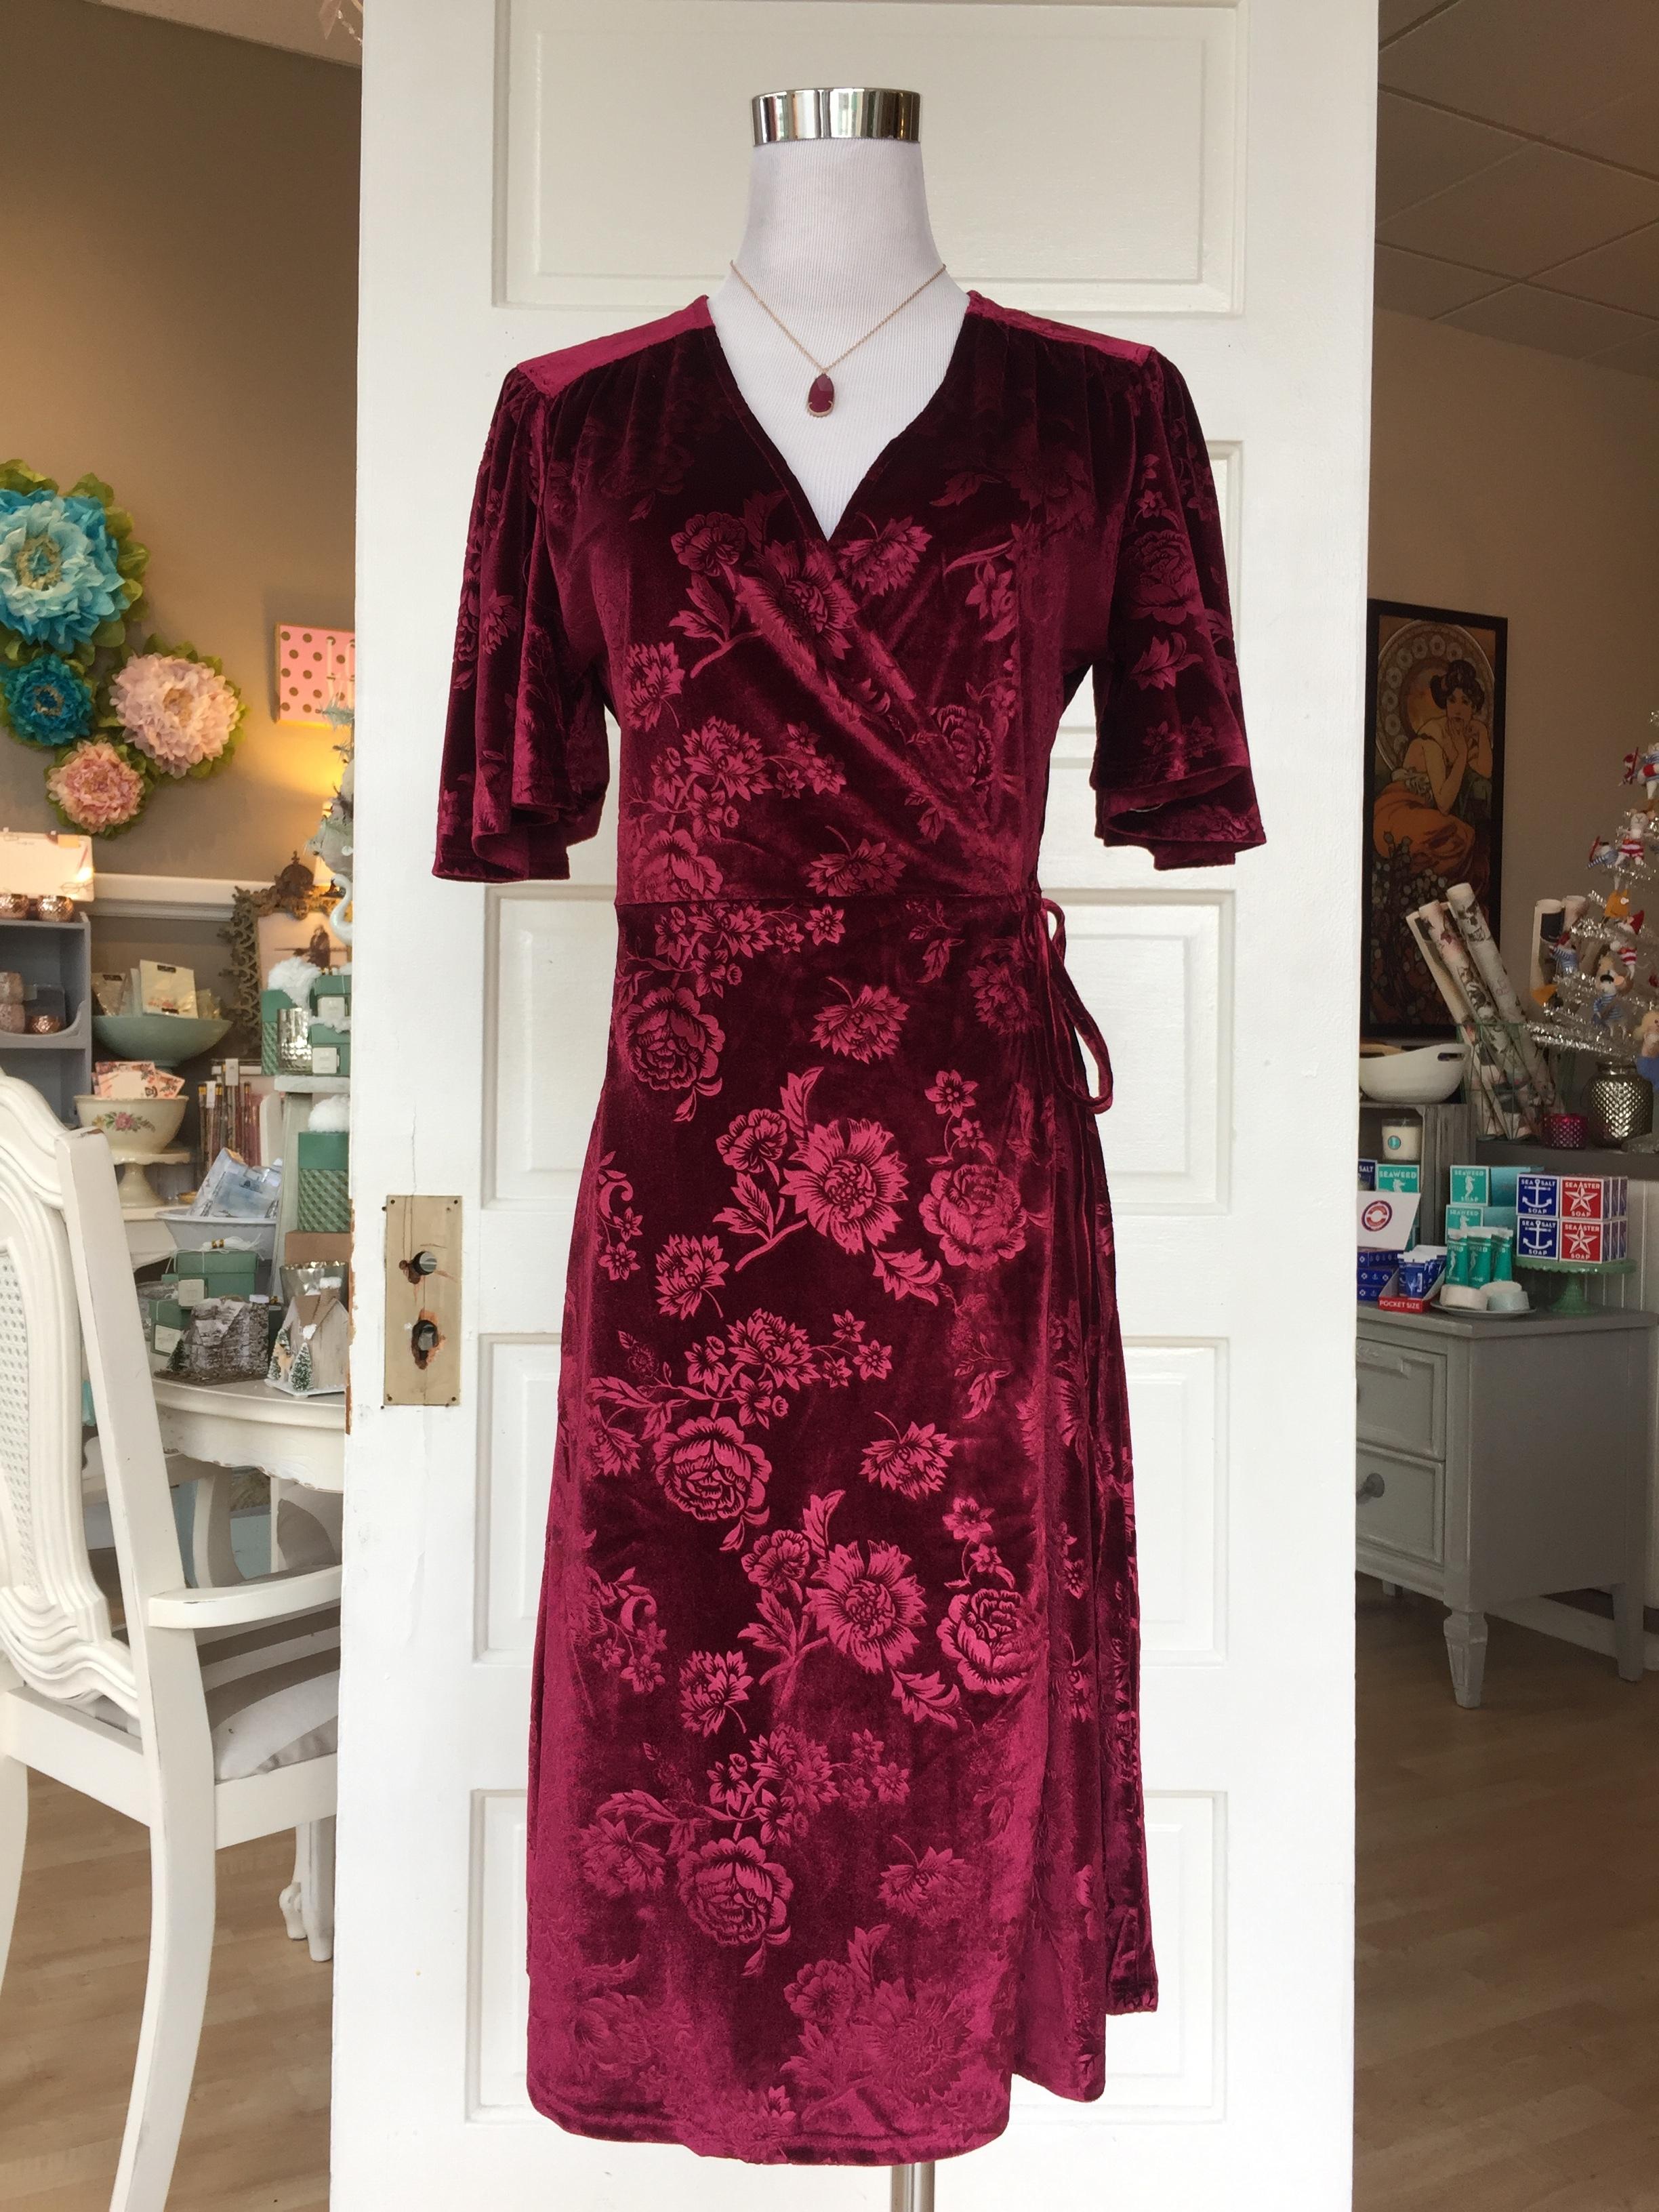 Velvet floral wrap dress ($45)